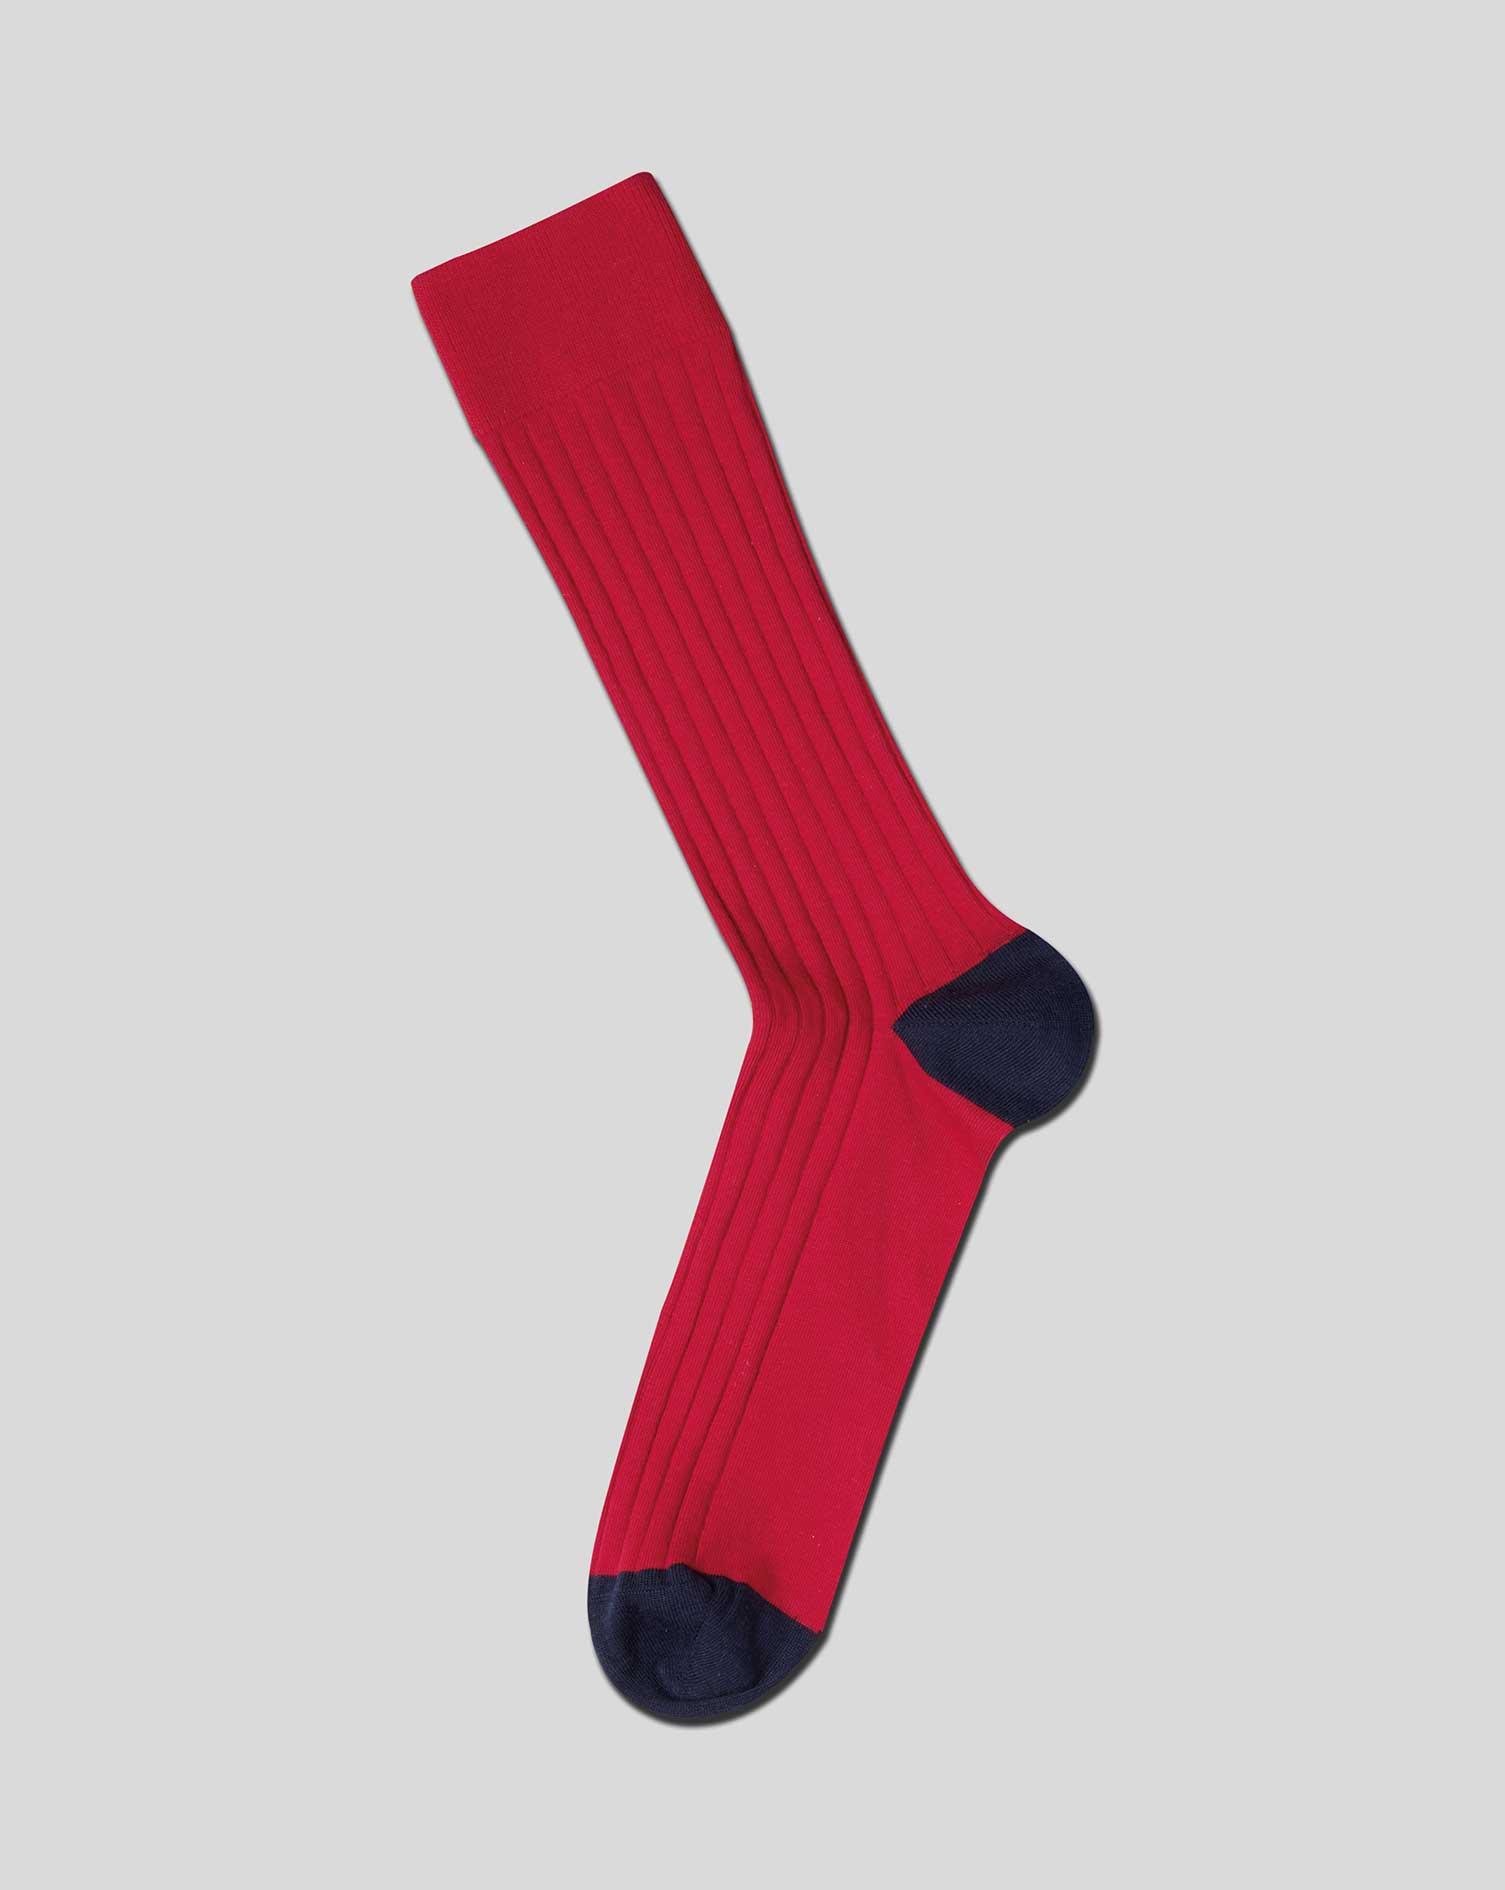 Cotton Rib Socks - Red